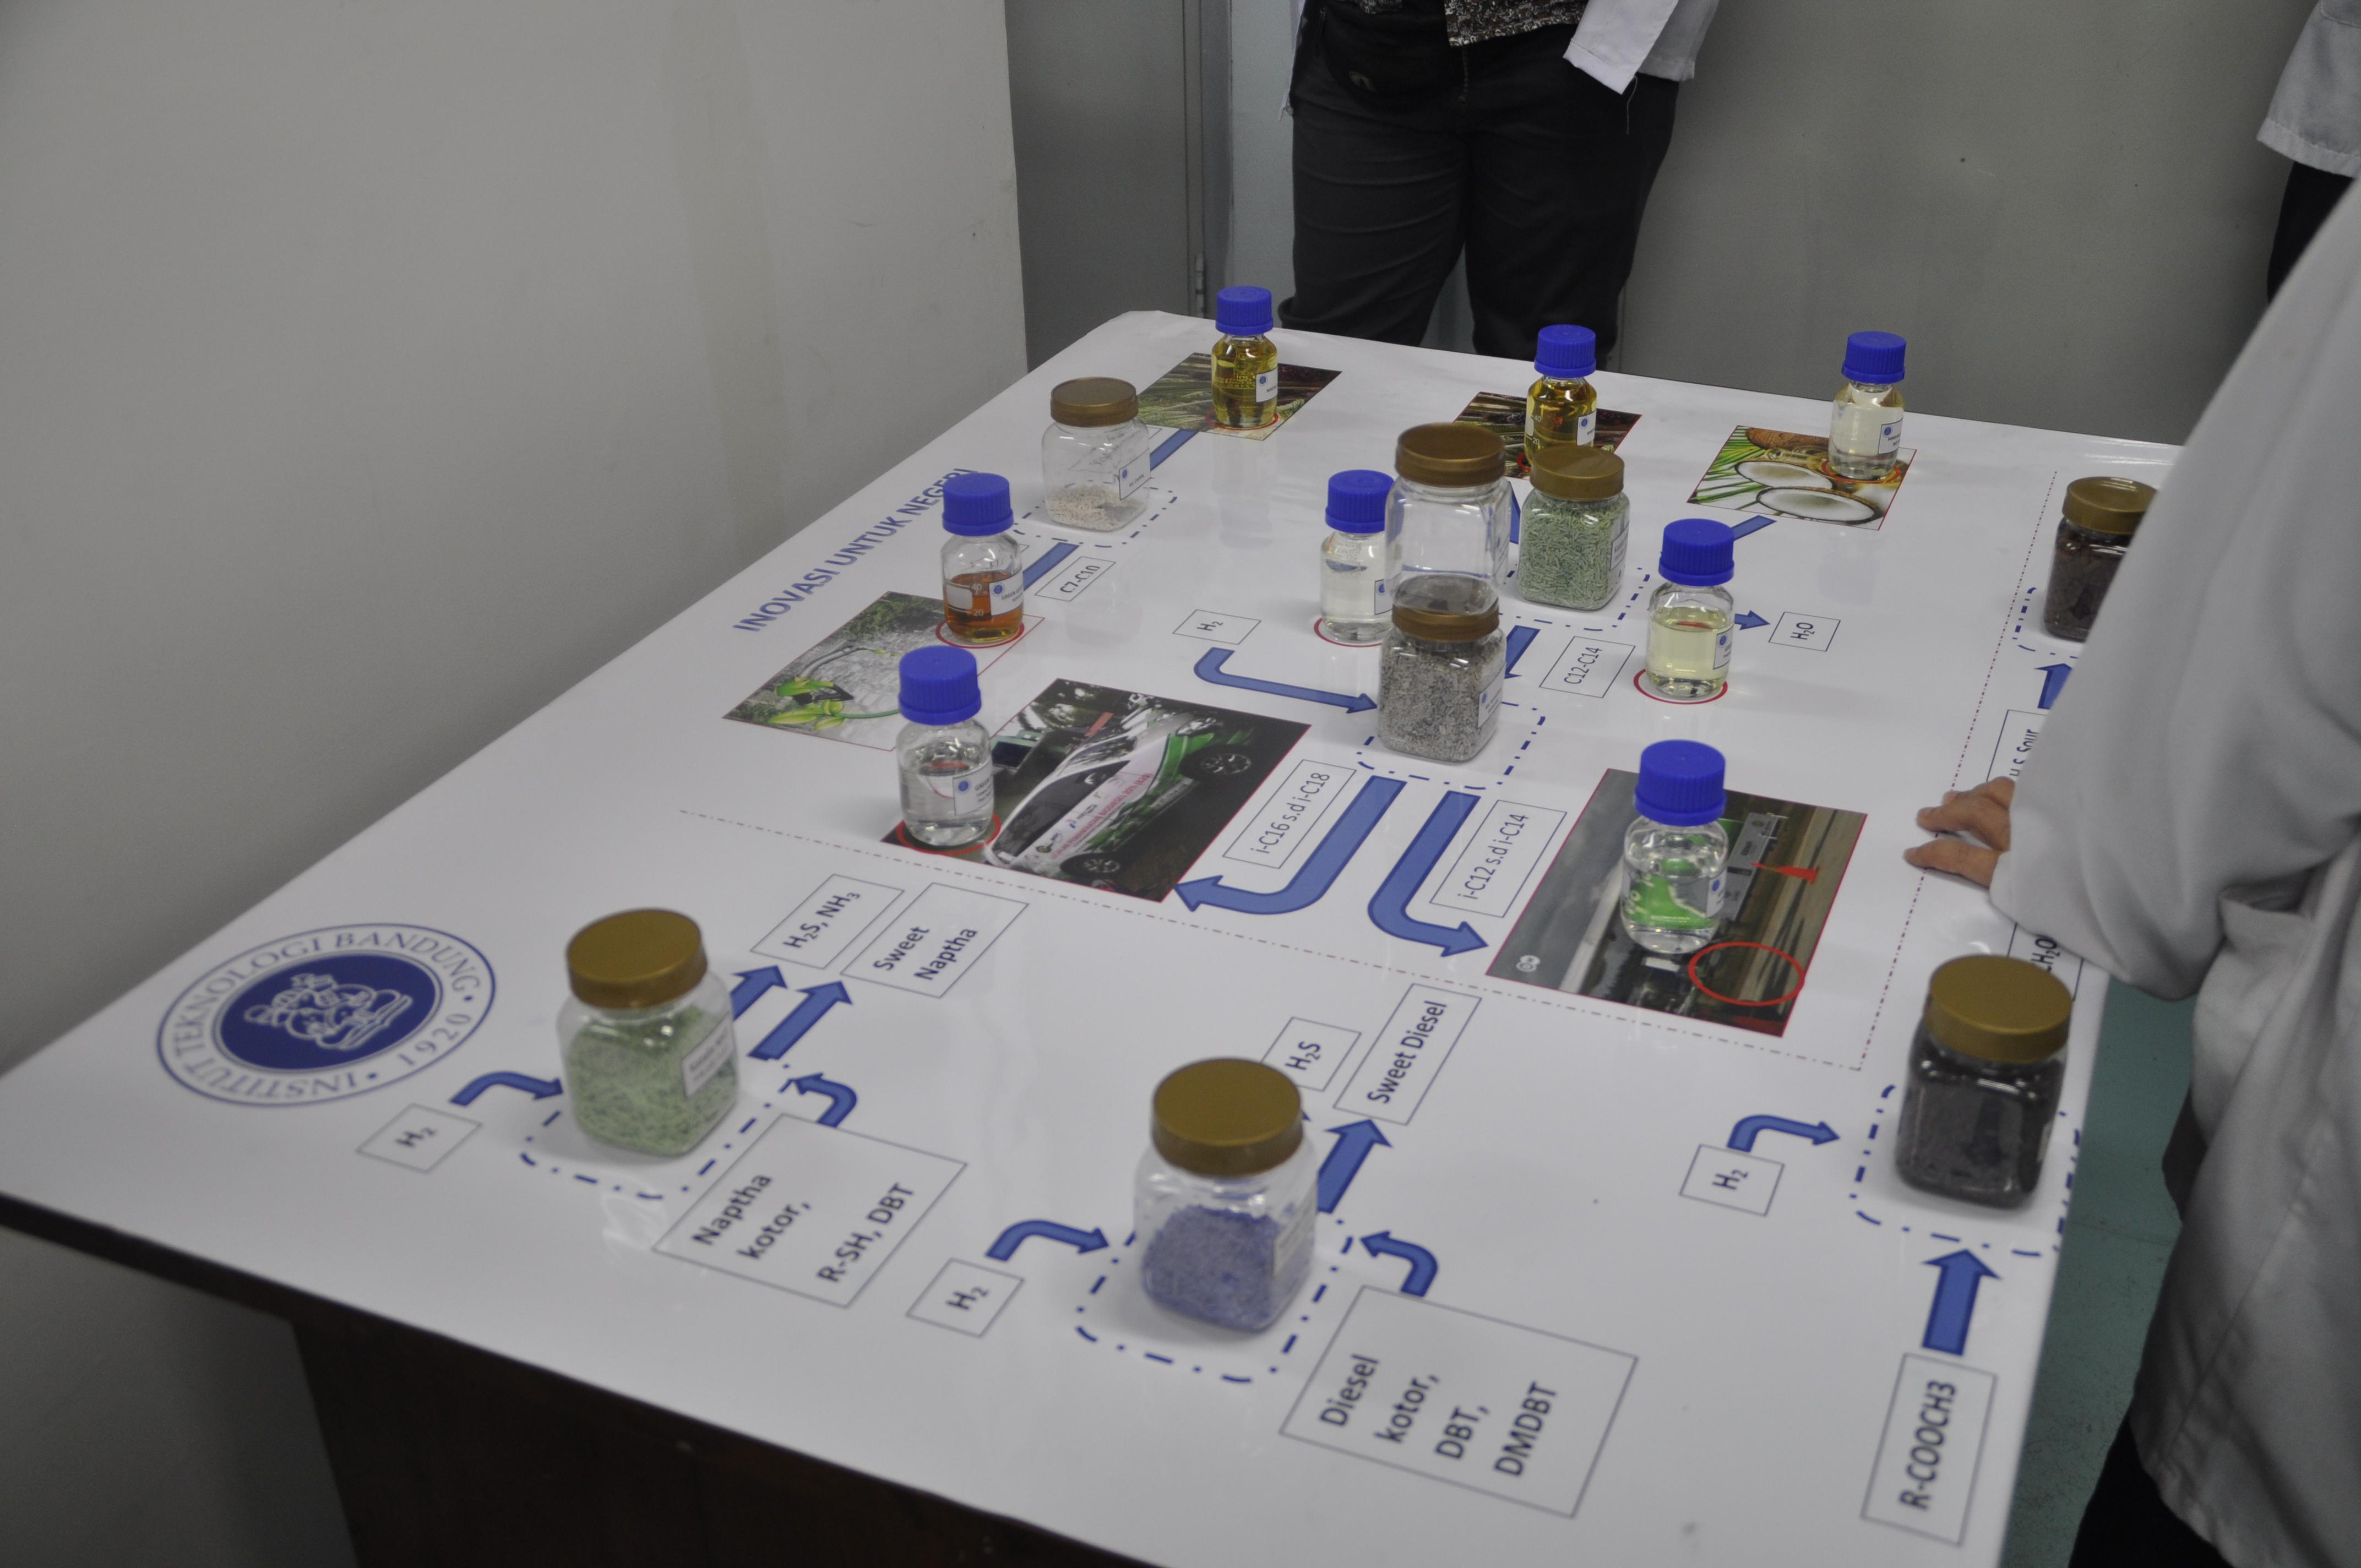 percepatan-pengembangan-katalis-dengan-penempatan-multipurpose-microreactor-oleh-pertamina-untuk-itb